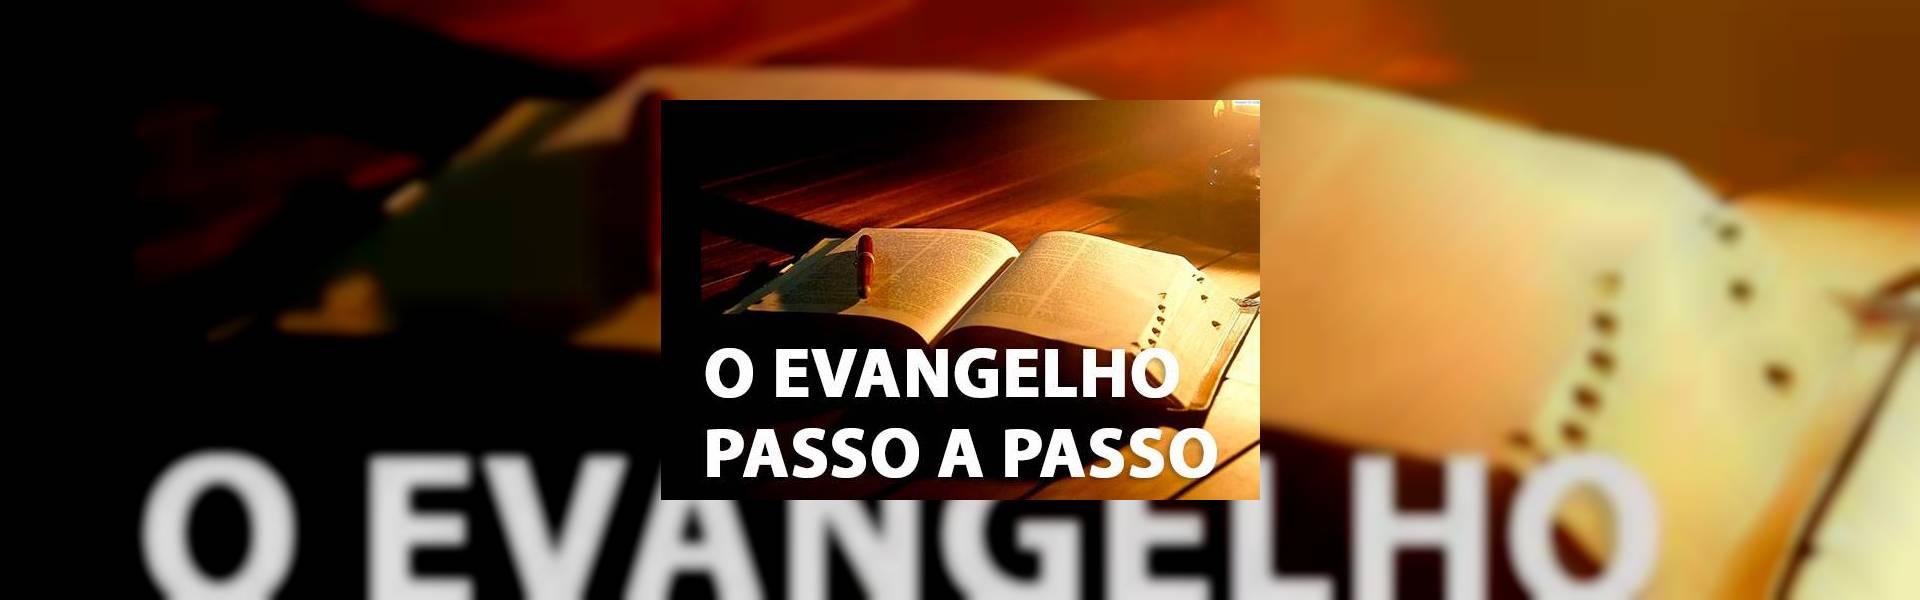 Mateus 10:40-41 - O Evangelho Passo a Passo